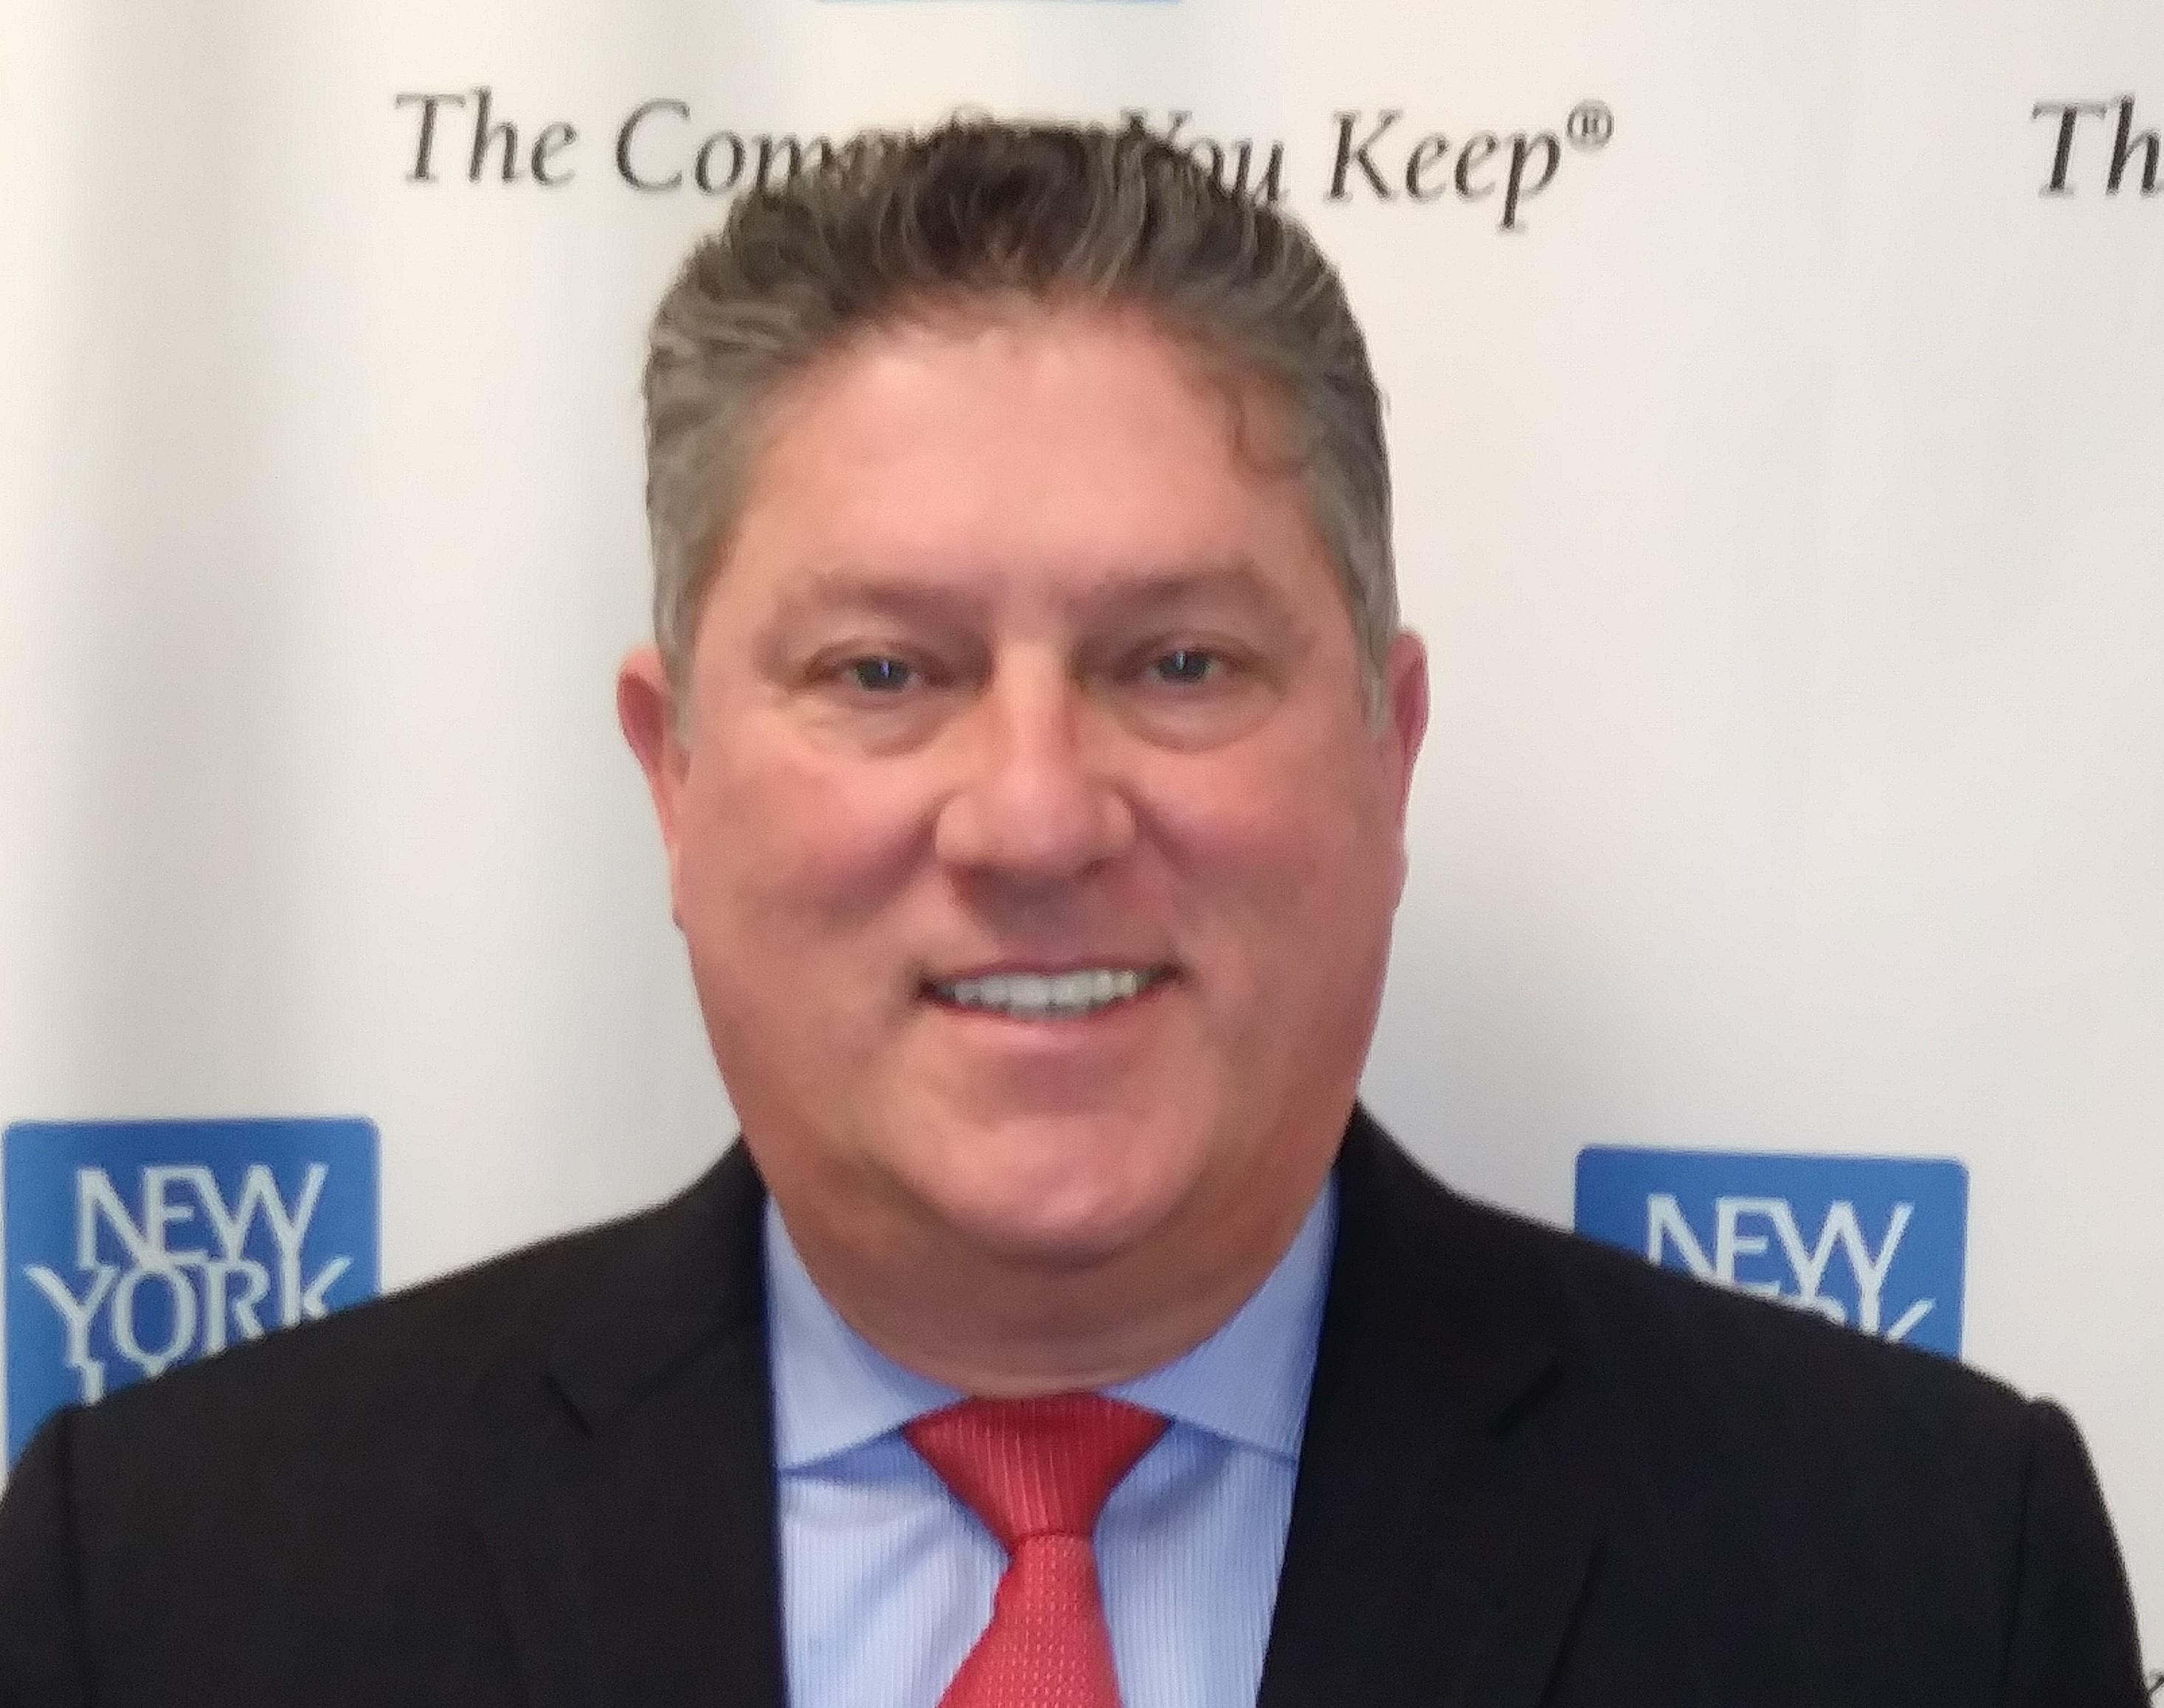 JOHN KELLY SCHULE  Insurance Agent